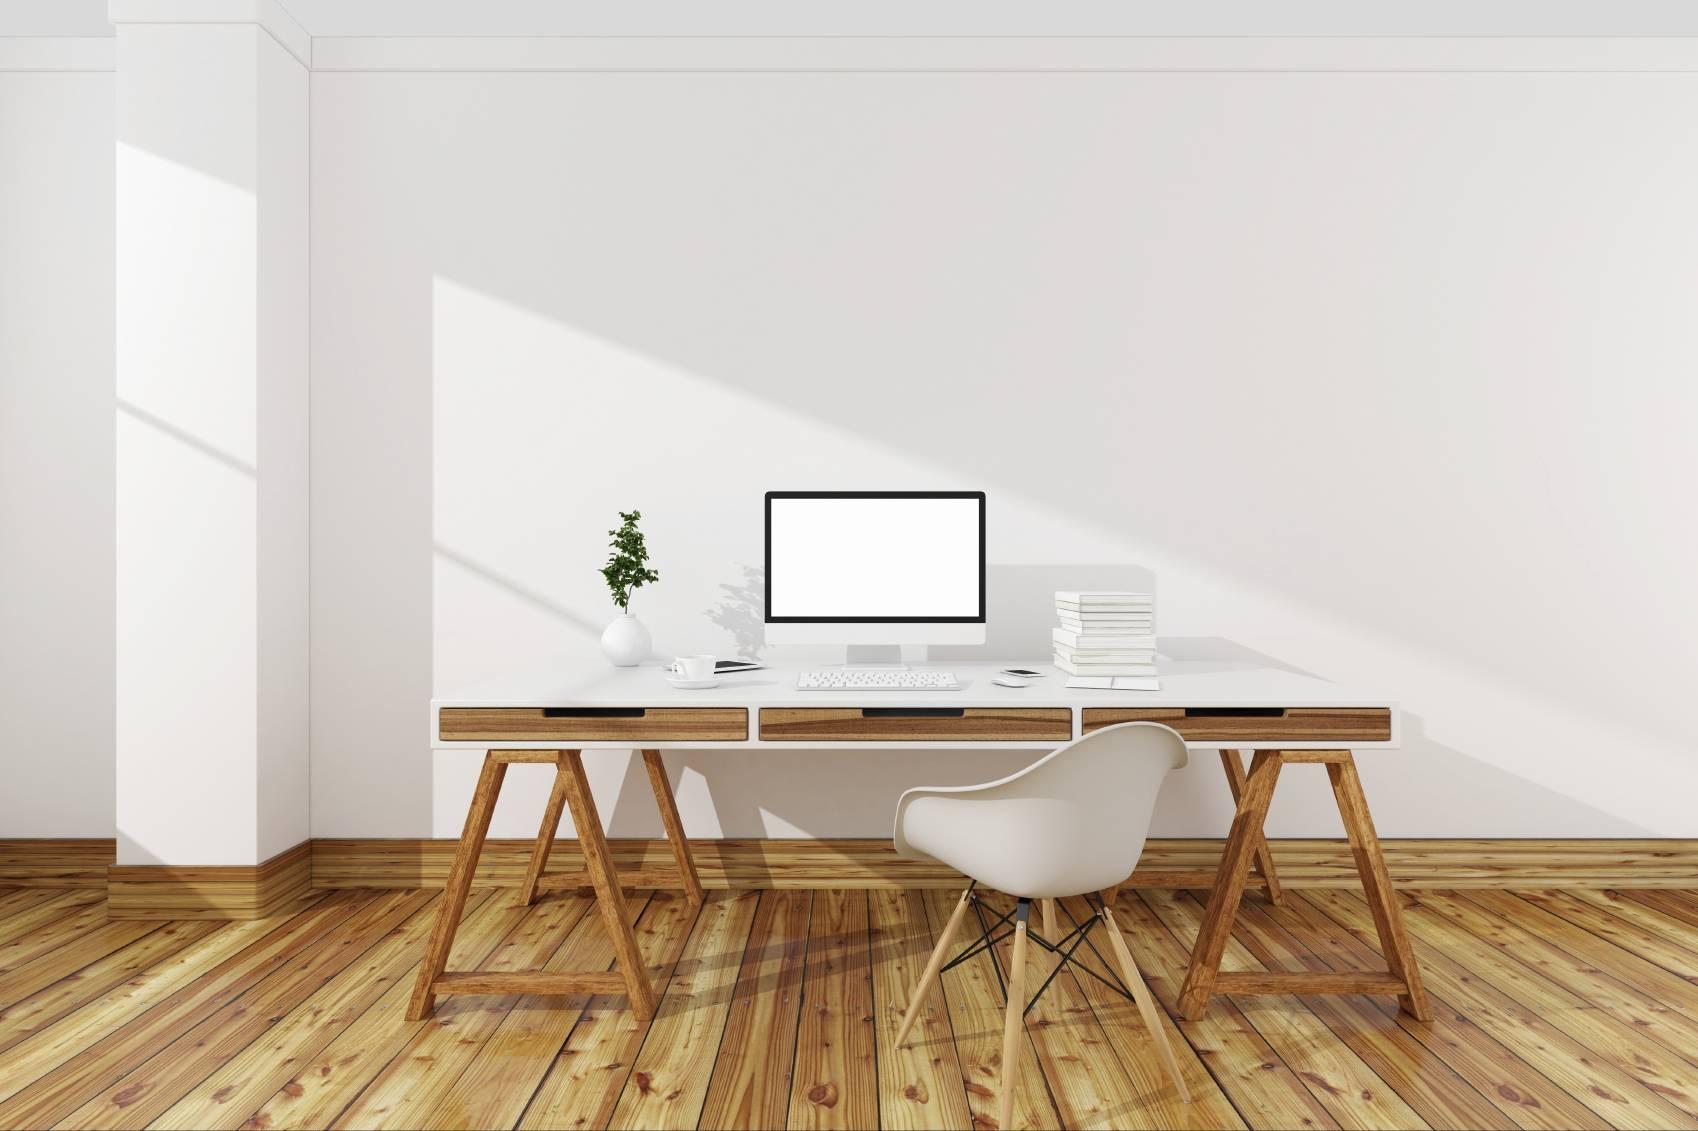 La meilleure fa on de configurer un bureau domicile - Installer la fibre optique chez soi ...